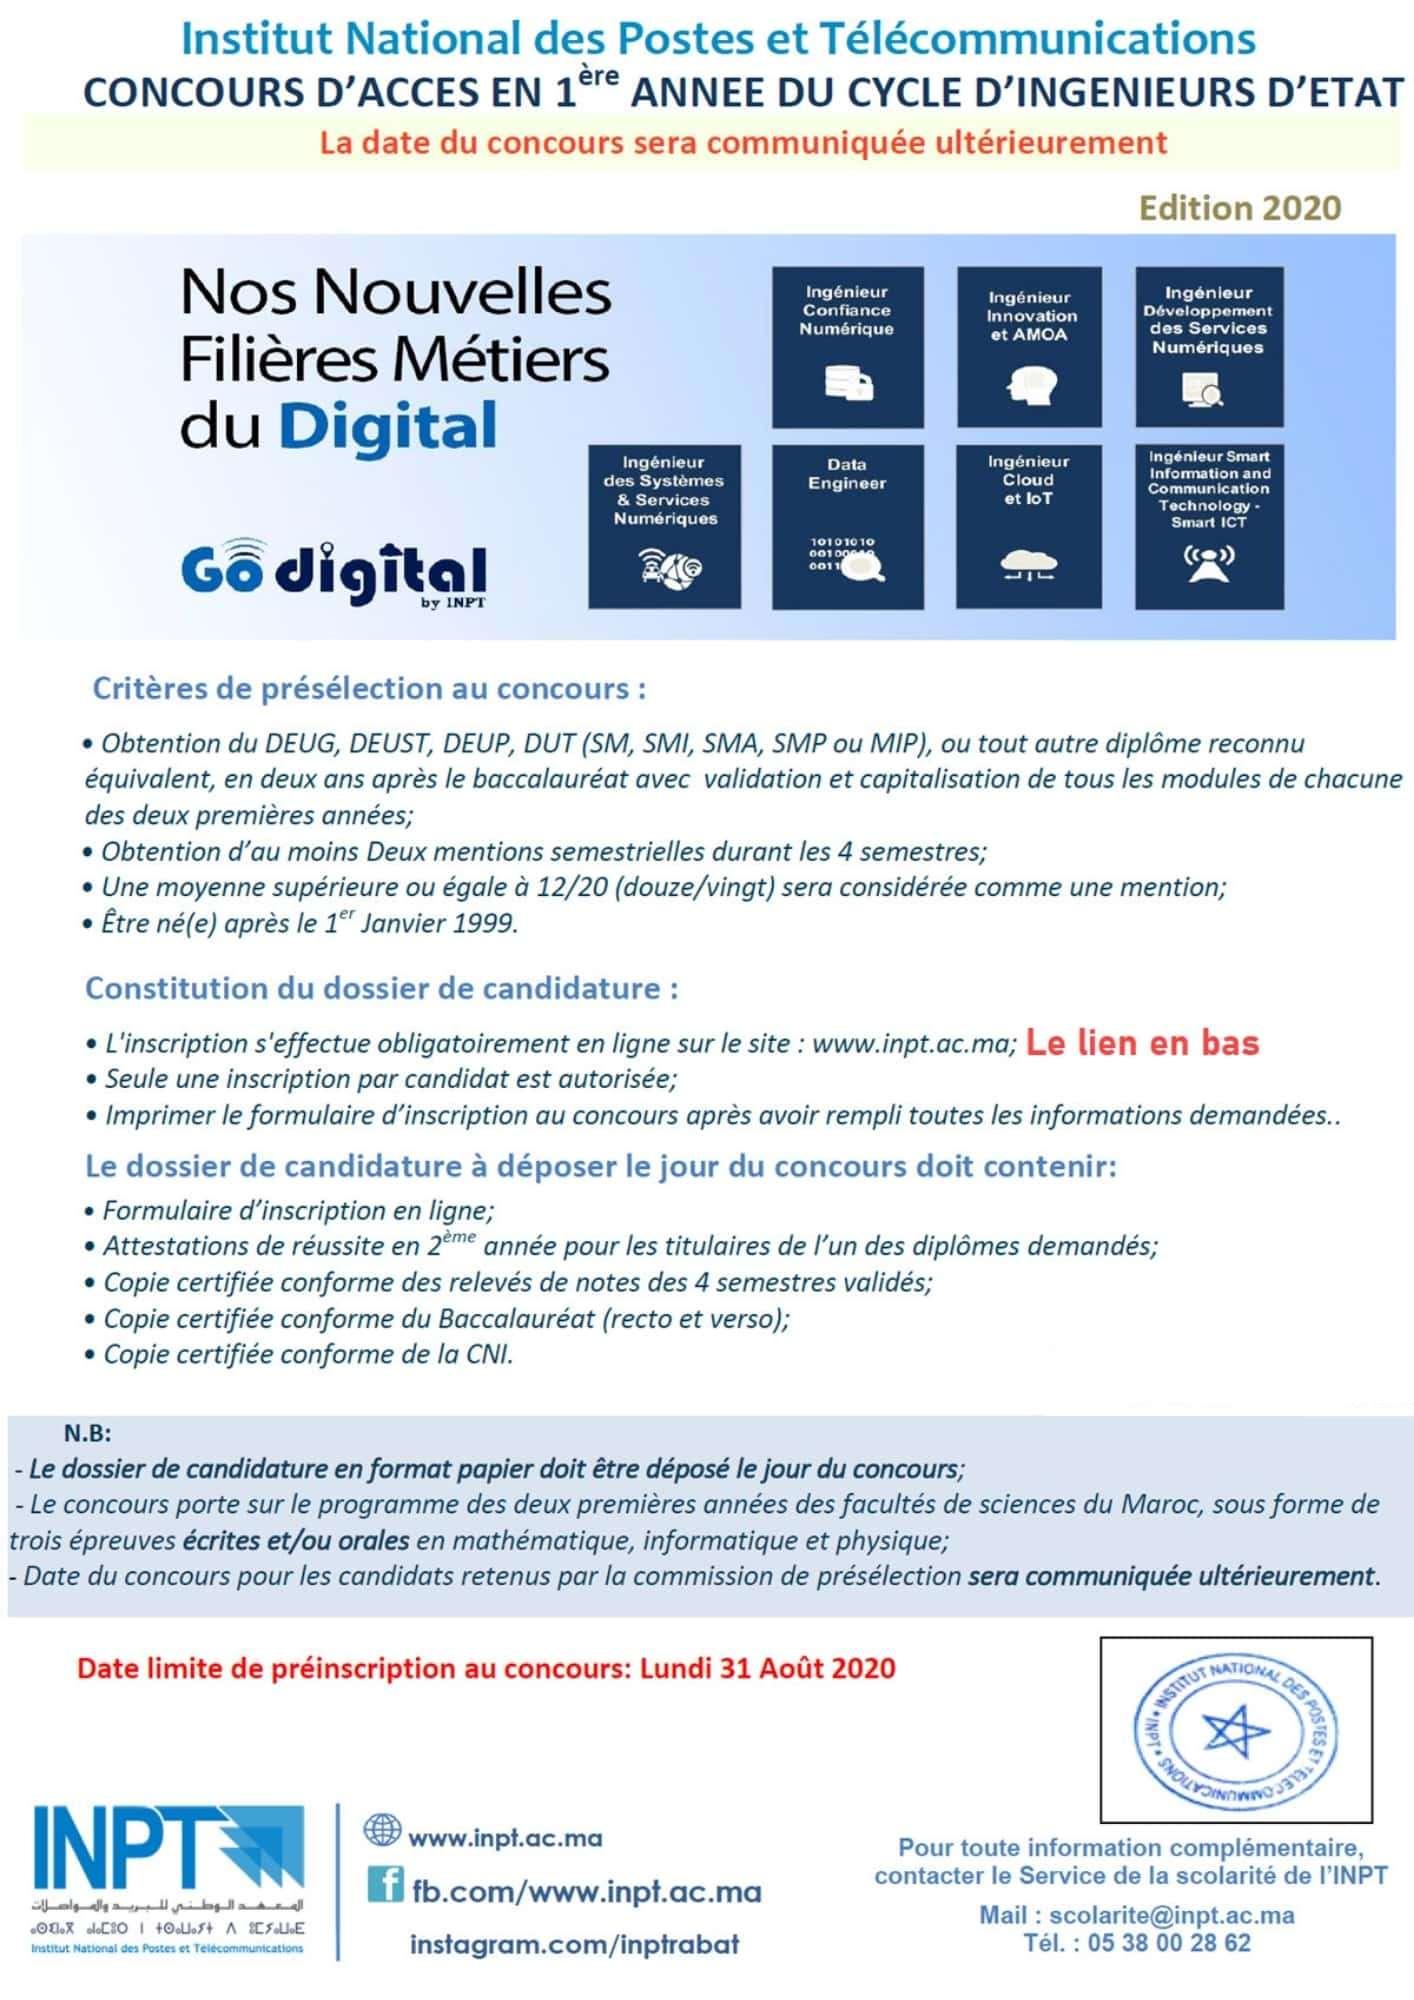 Inscription Concours INPT 2020/2021